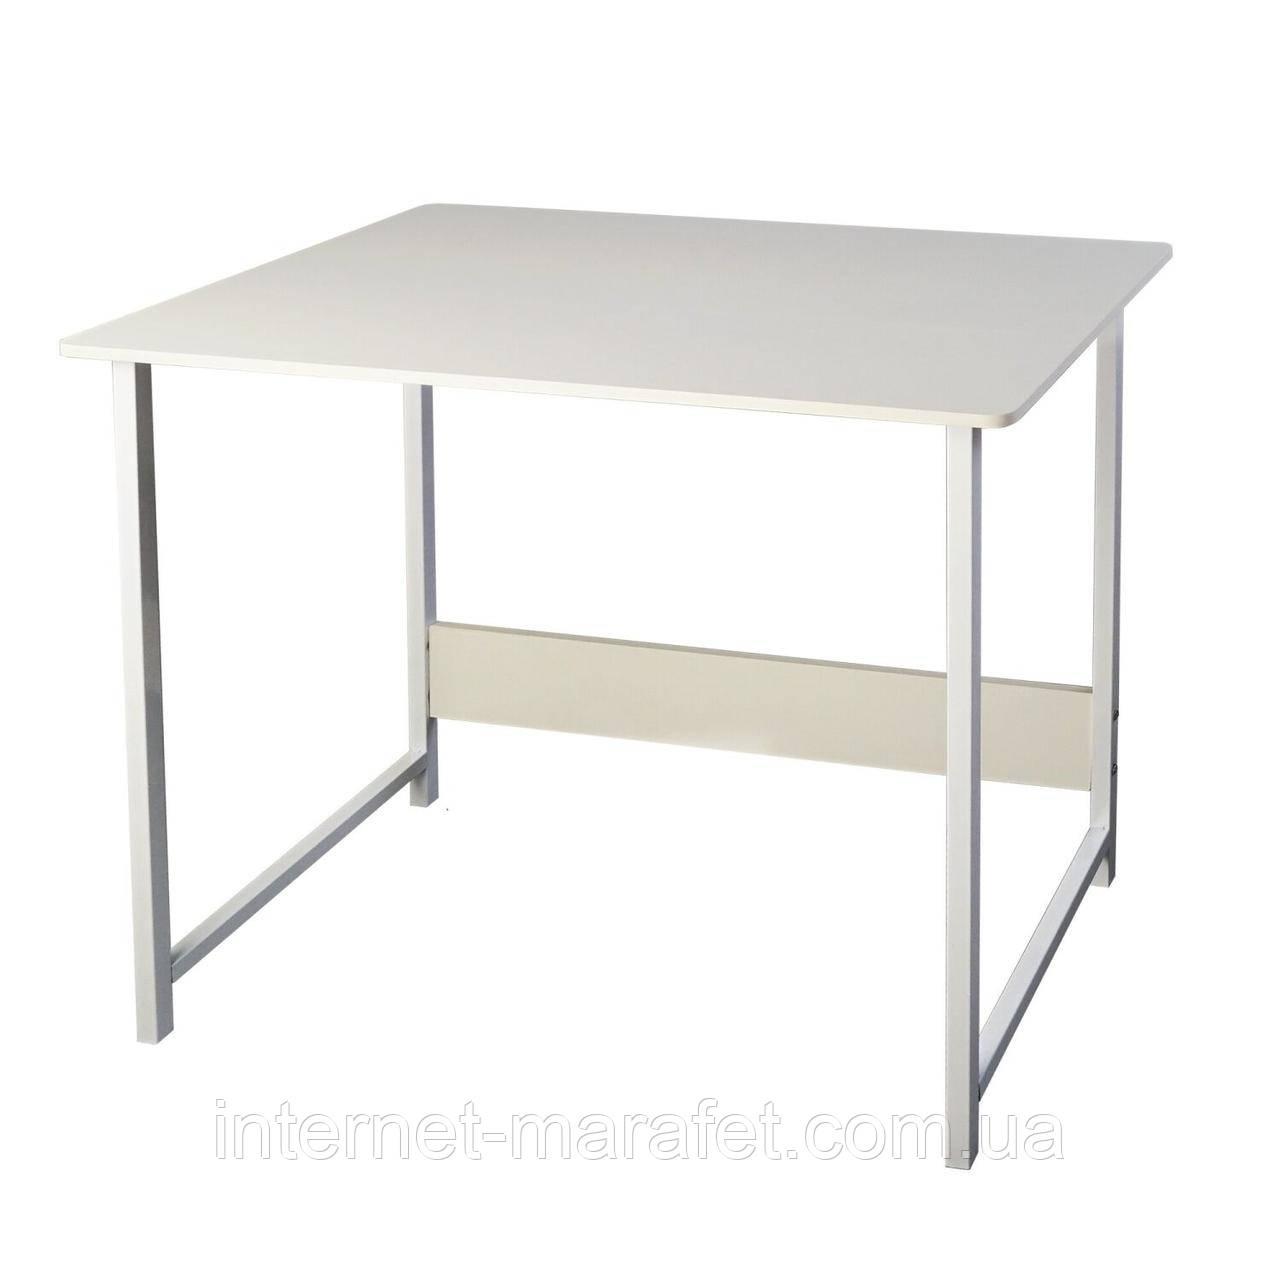 Компьютерный и письменный стол  2 в 1 белый